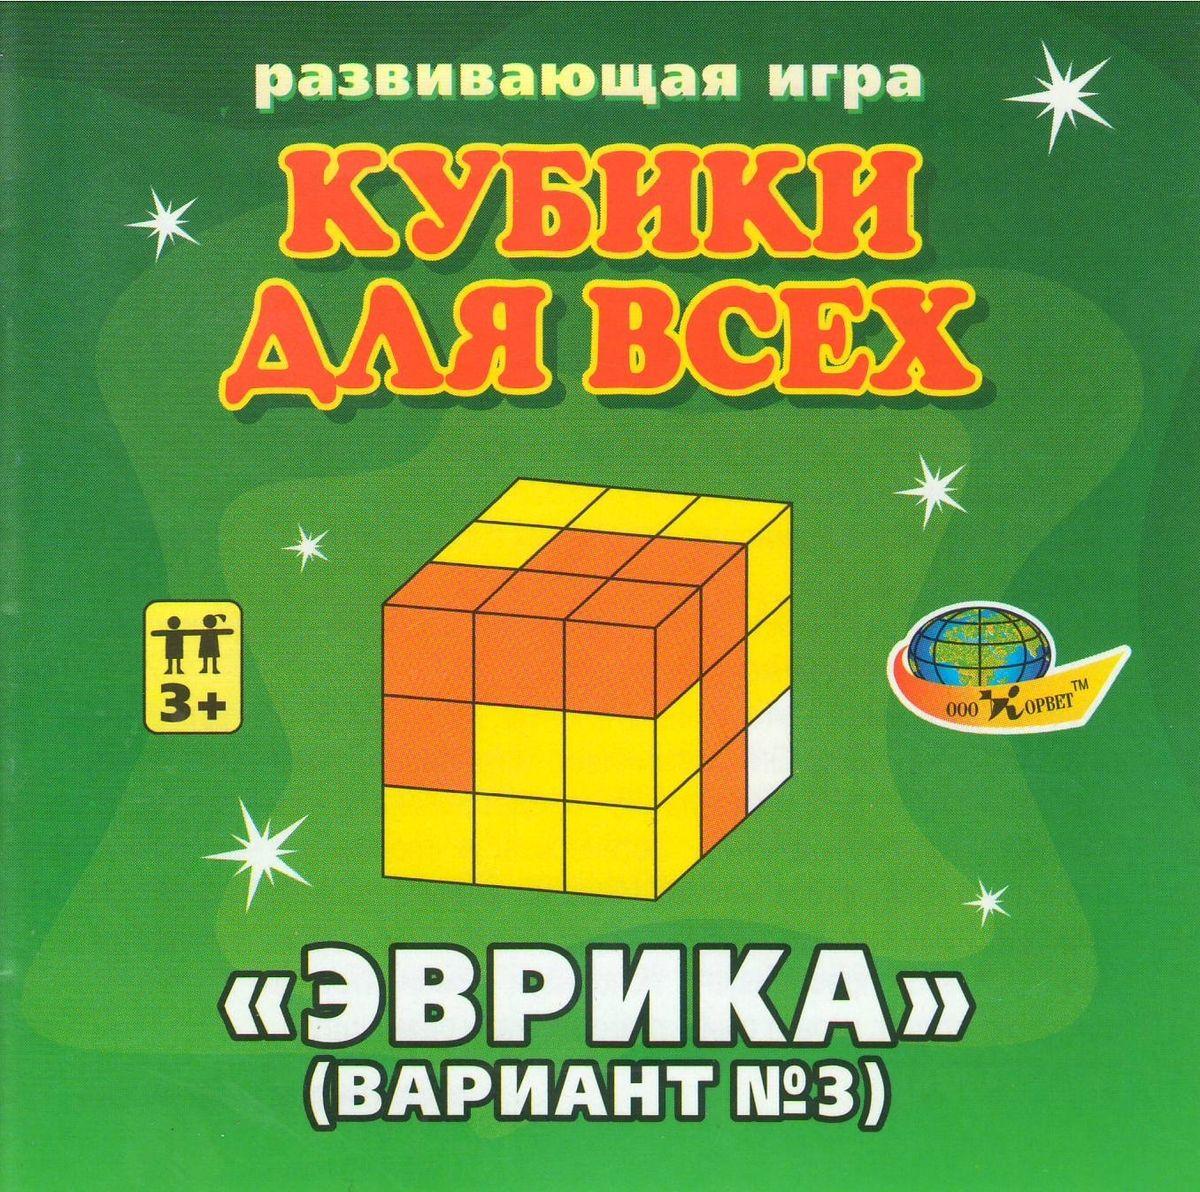 Обучающая игра 4680000430524